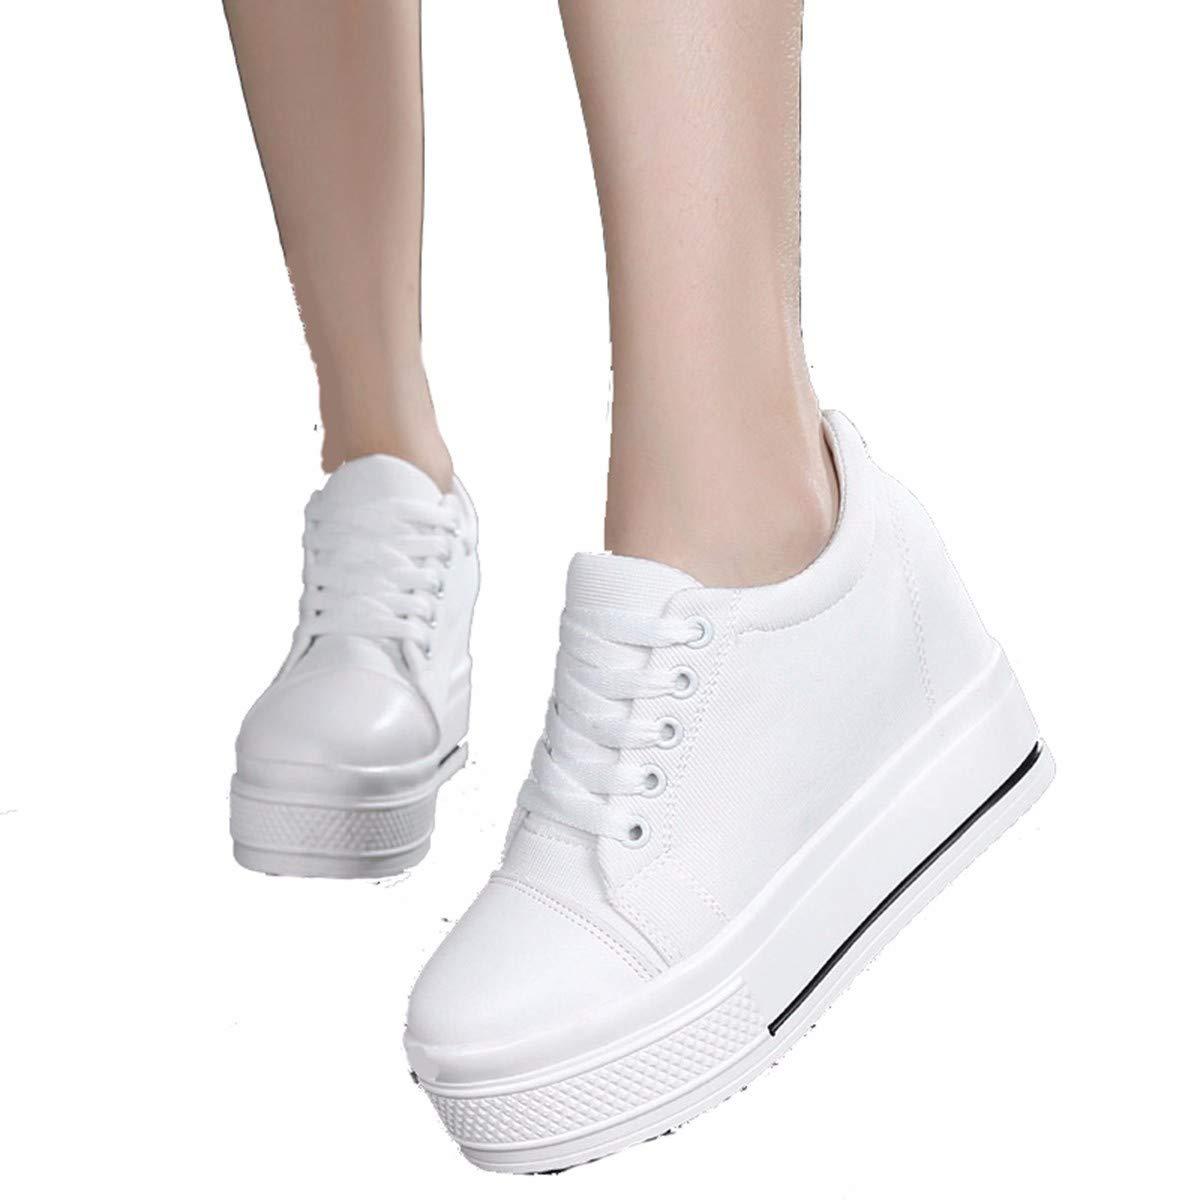 GTVERNH Damenschuhe Mode Leinwand - Schuhe Frühjahr Stil Joggen Unsichtbar Im Boden Dick Muffin Student Im Freizeitsport Schuhe.